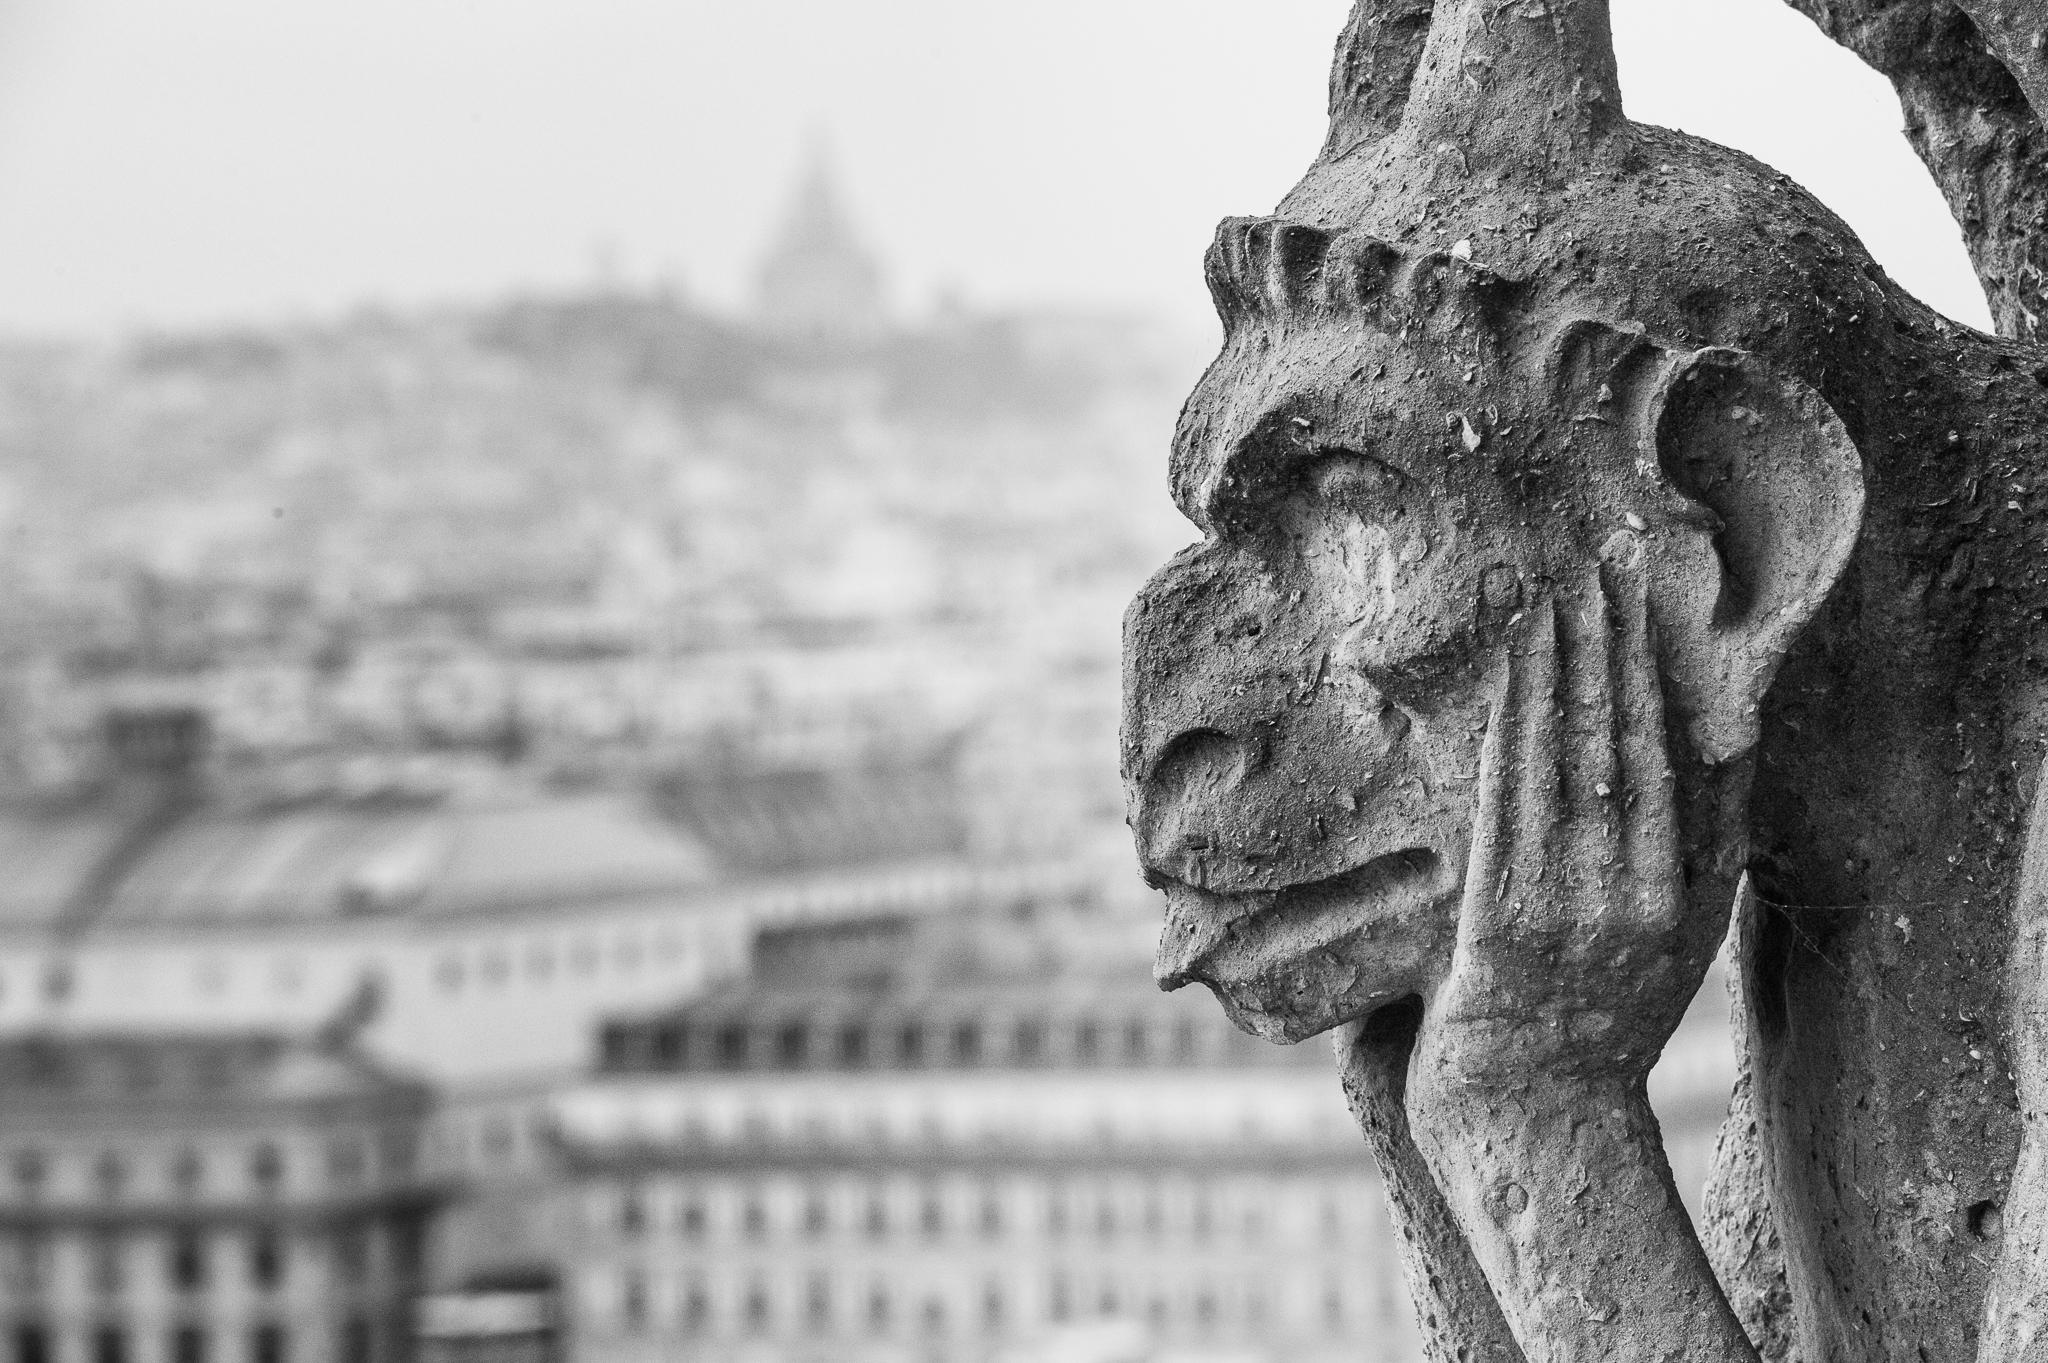 Jason-Davis-Images-Paris-0005.jpg